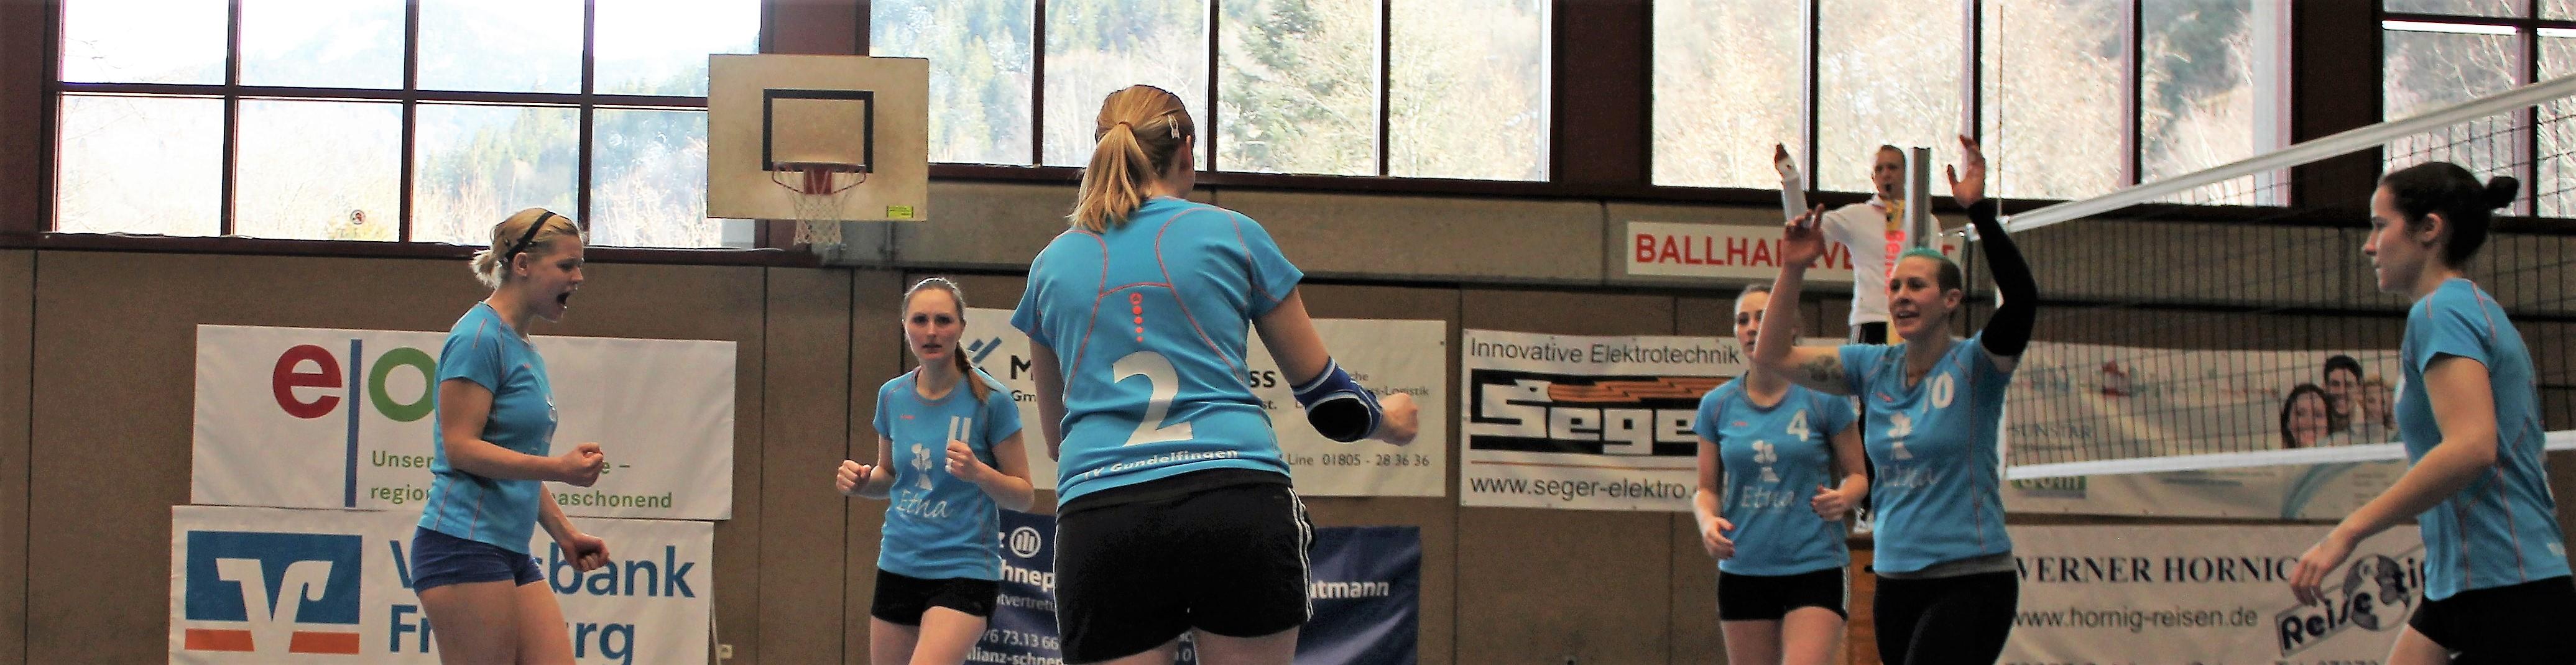 volleyball einatmen ausatmen turnverein gundelfingen 1905 evturnverein gundelfingen 1905 ev - Ausatmen Fans